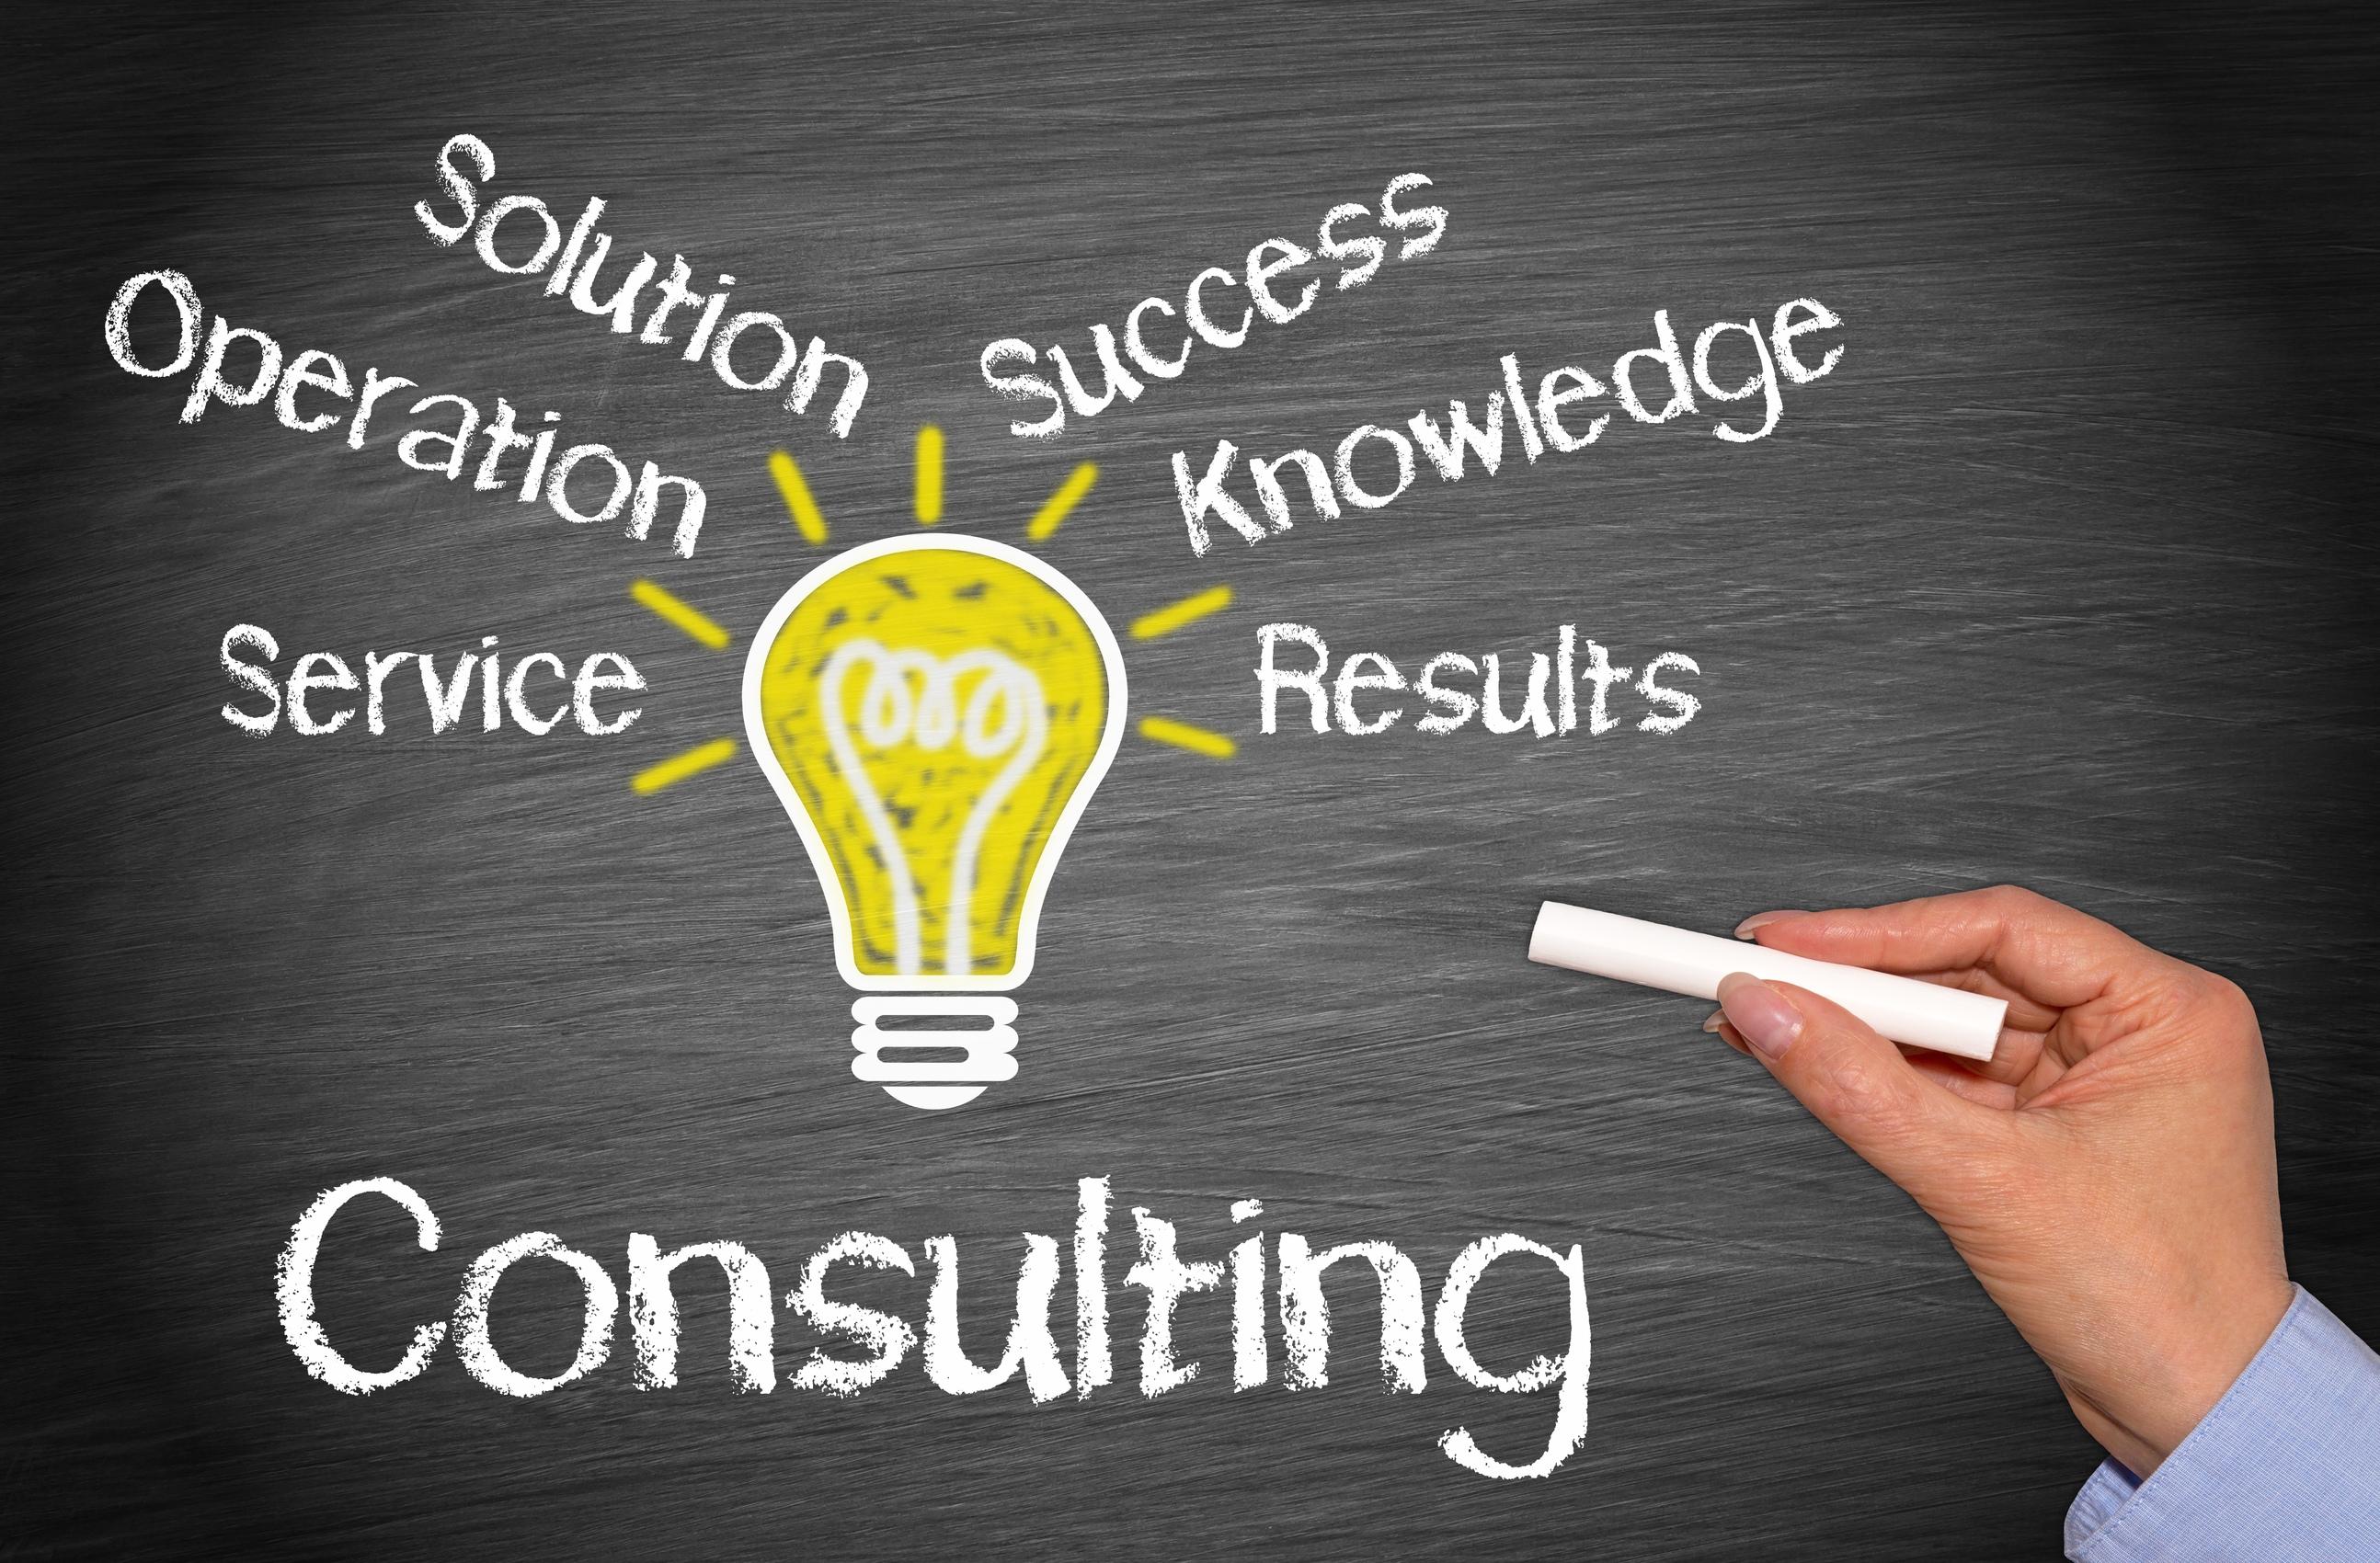 הדרך לבחור נכון יועץ עסקי 2020